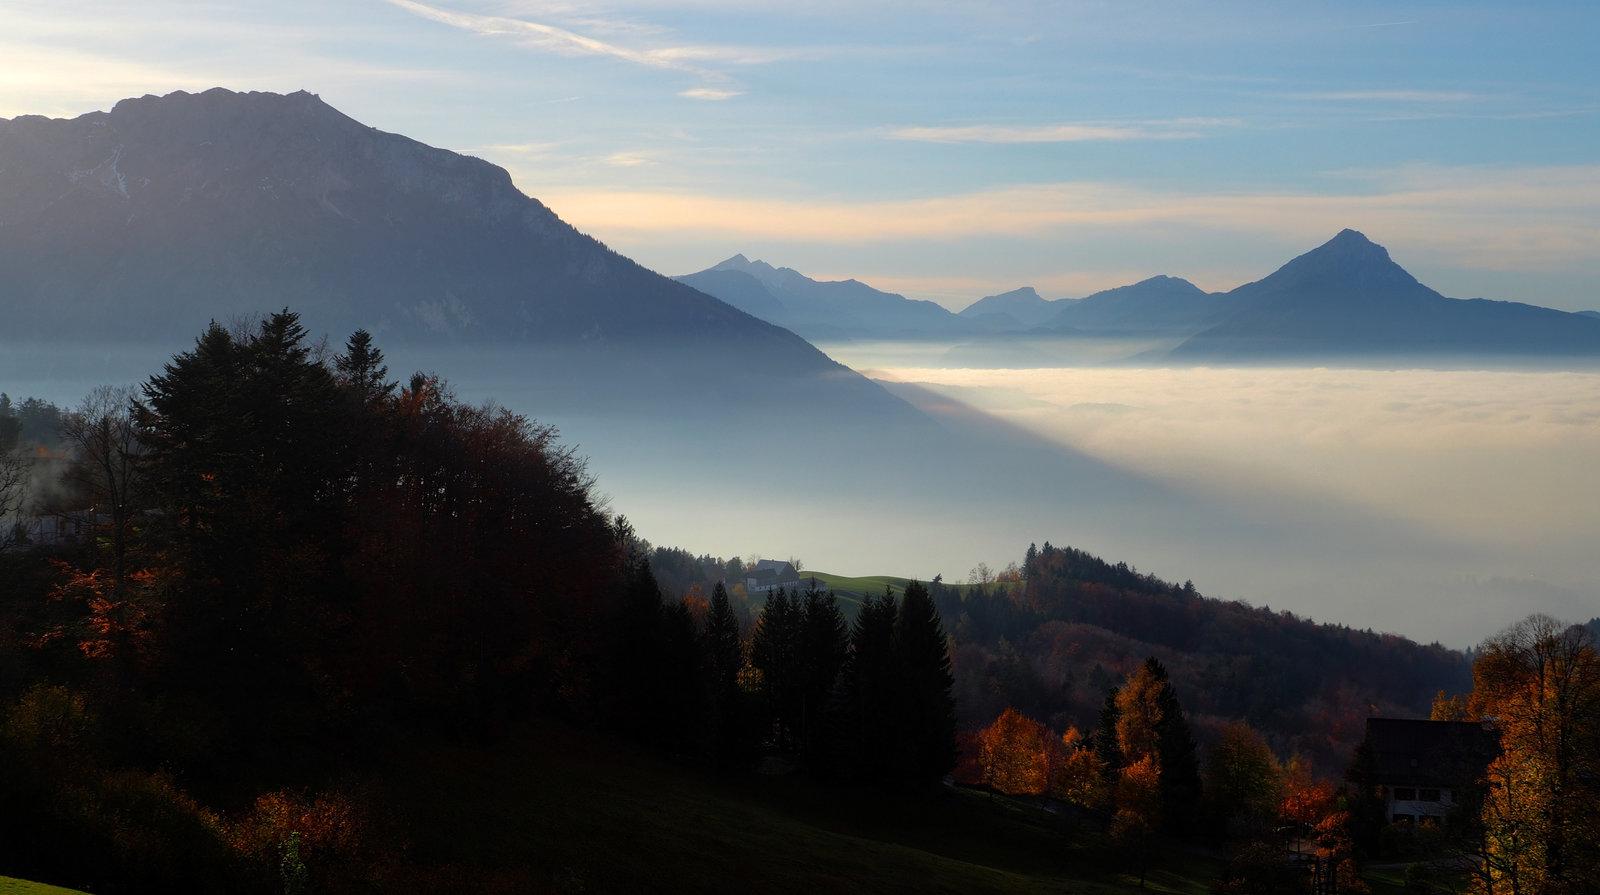 over_the_fog_2nd_by_burtn-d861ras